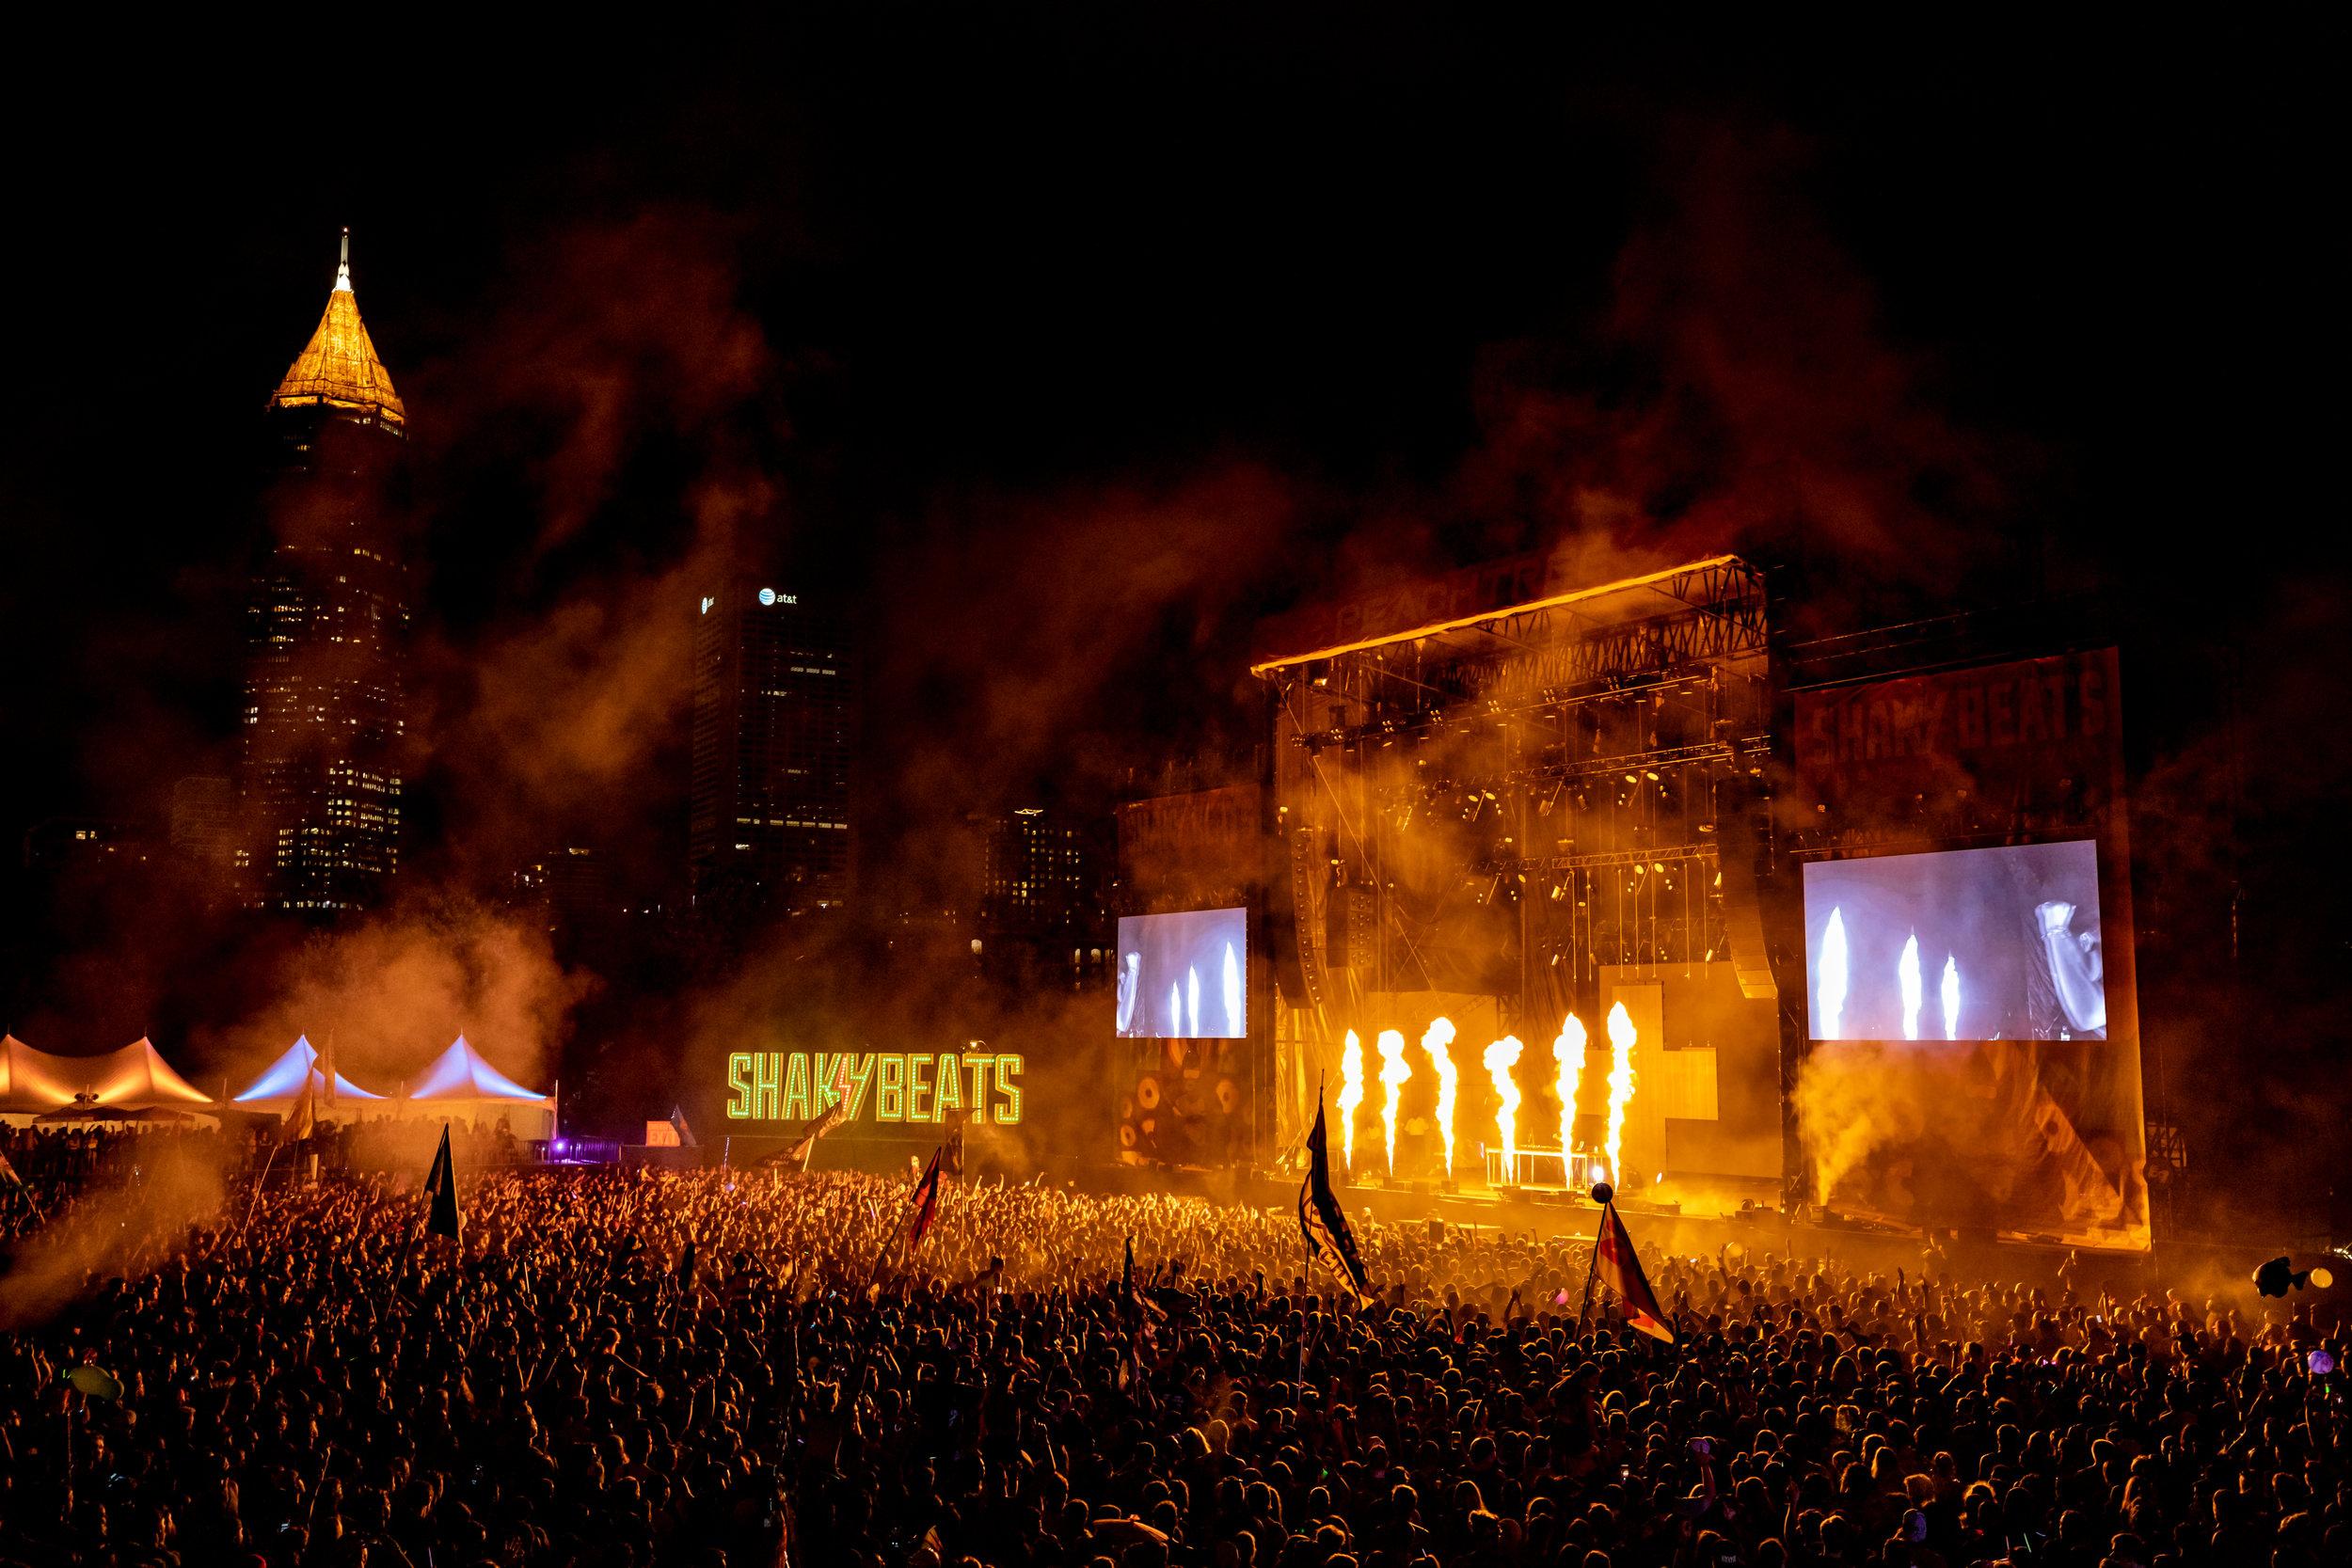 Shaky Beats 2019 in Atlanta, Georgia